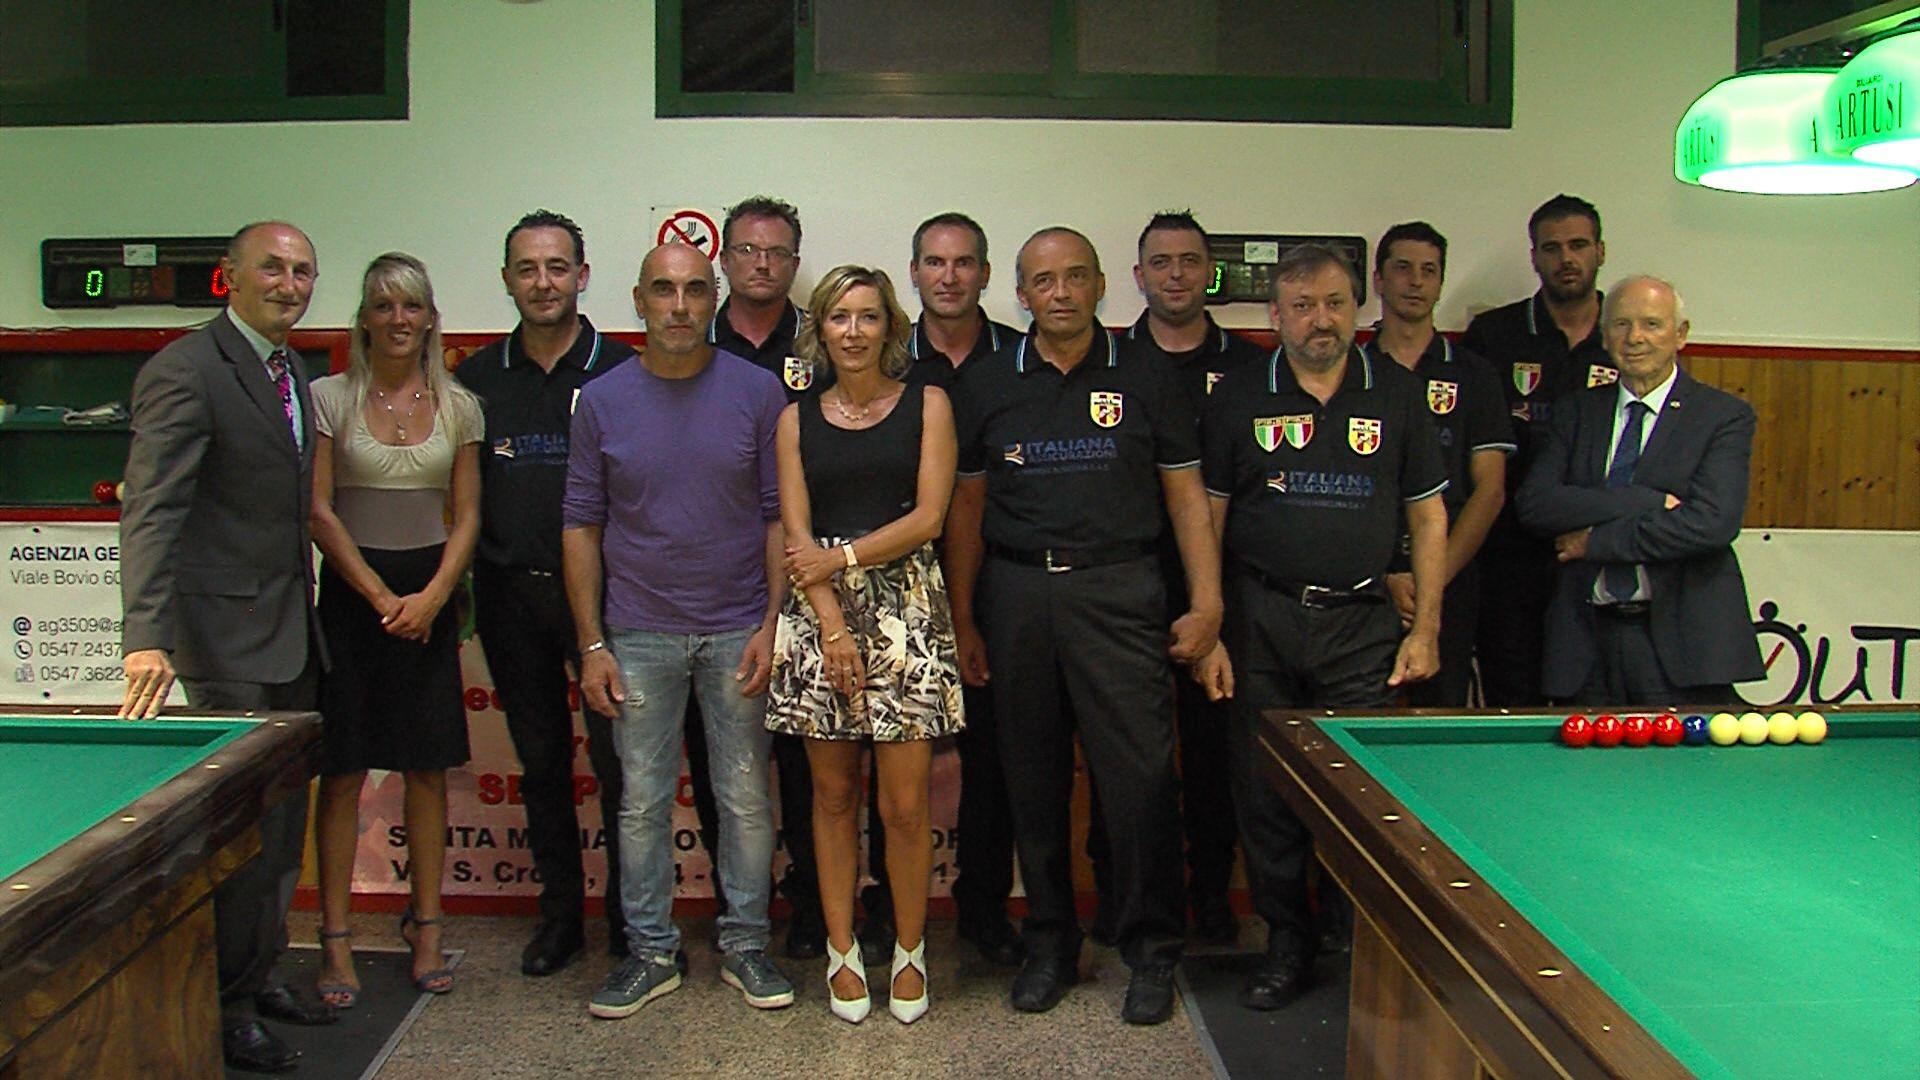 Bussecchio Forlì